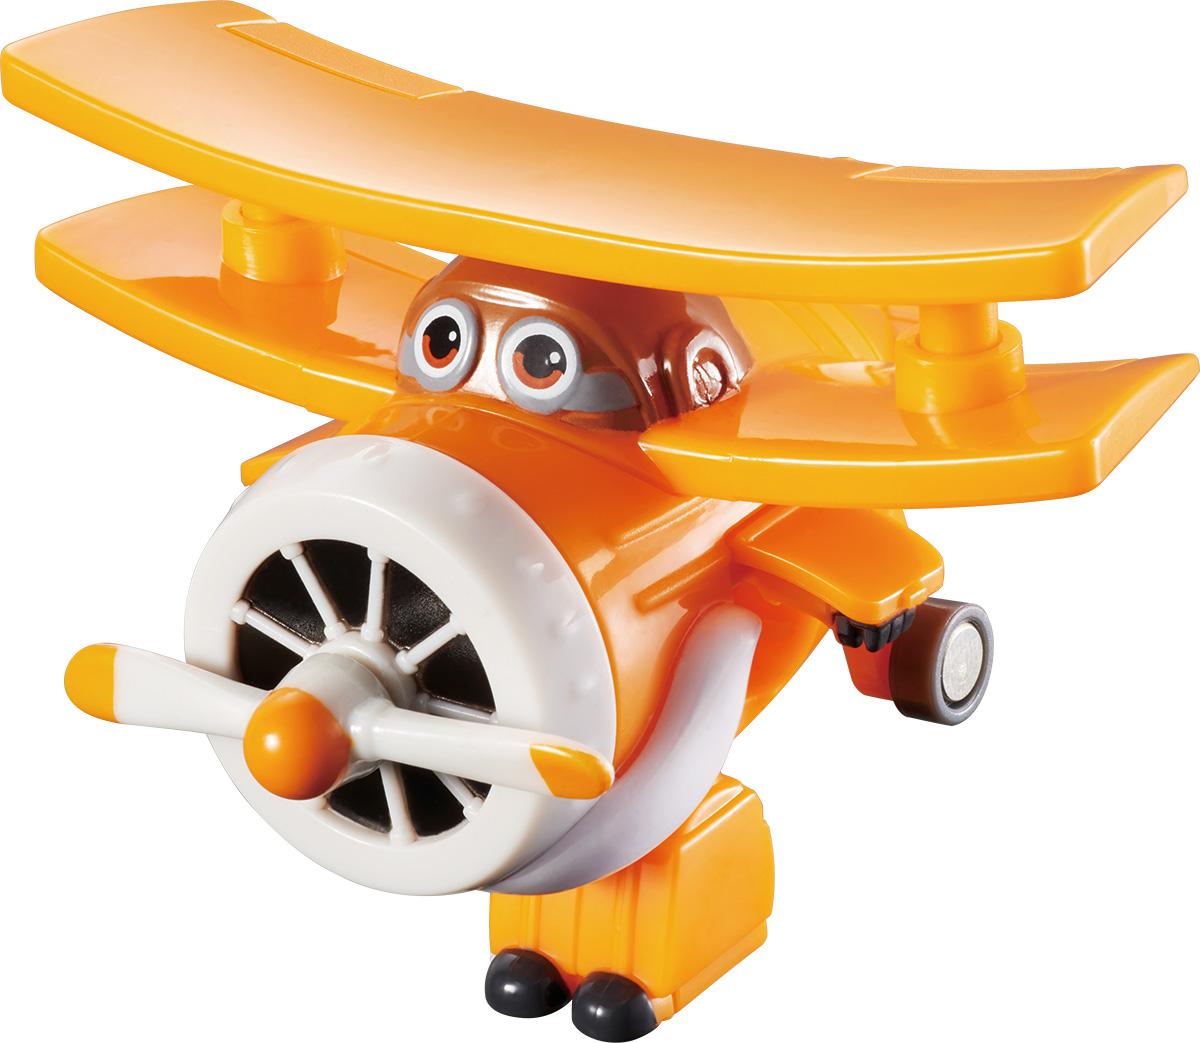 Super Wings Трансформер АльбертYW710060Игрушка-трансформер Альберт надолго займет внимание вашего ребенка. Игрушка выполнена из безопасного пластика в виде самолета по имени Альберт, полностью повторяющего персонажа популярного мультсериала «Super Wings». Ваш ребёнок сможет всего за 3 шага превратить вертолёт в робота и обратно. Альберт-старый, мудрый, и всегда готов давать советы. Шасси у вертолетика свободно вращаются, пропеллер крутиться, двери трансформируются в руки, а ноги биплана легко выдвигаются из хвостовой части и убираются обратно. Эта игрушка непременно понравится вашему малышу, ведь она развивает любознательность, пространственное мышление, логику и мелкую моторику рук.